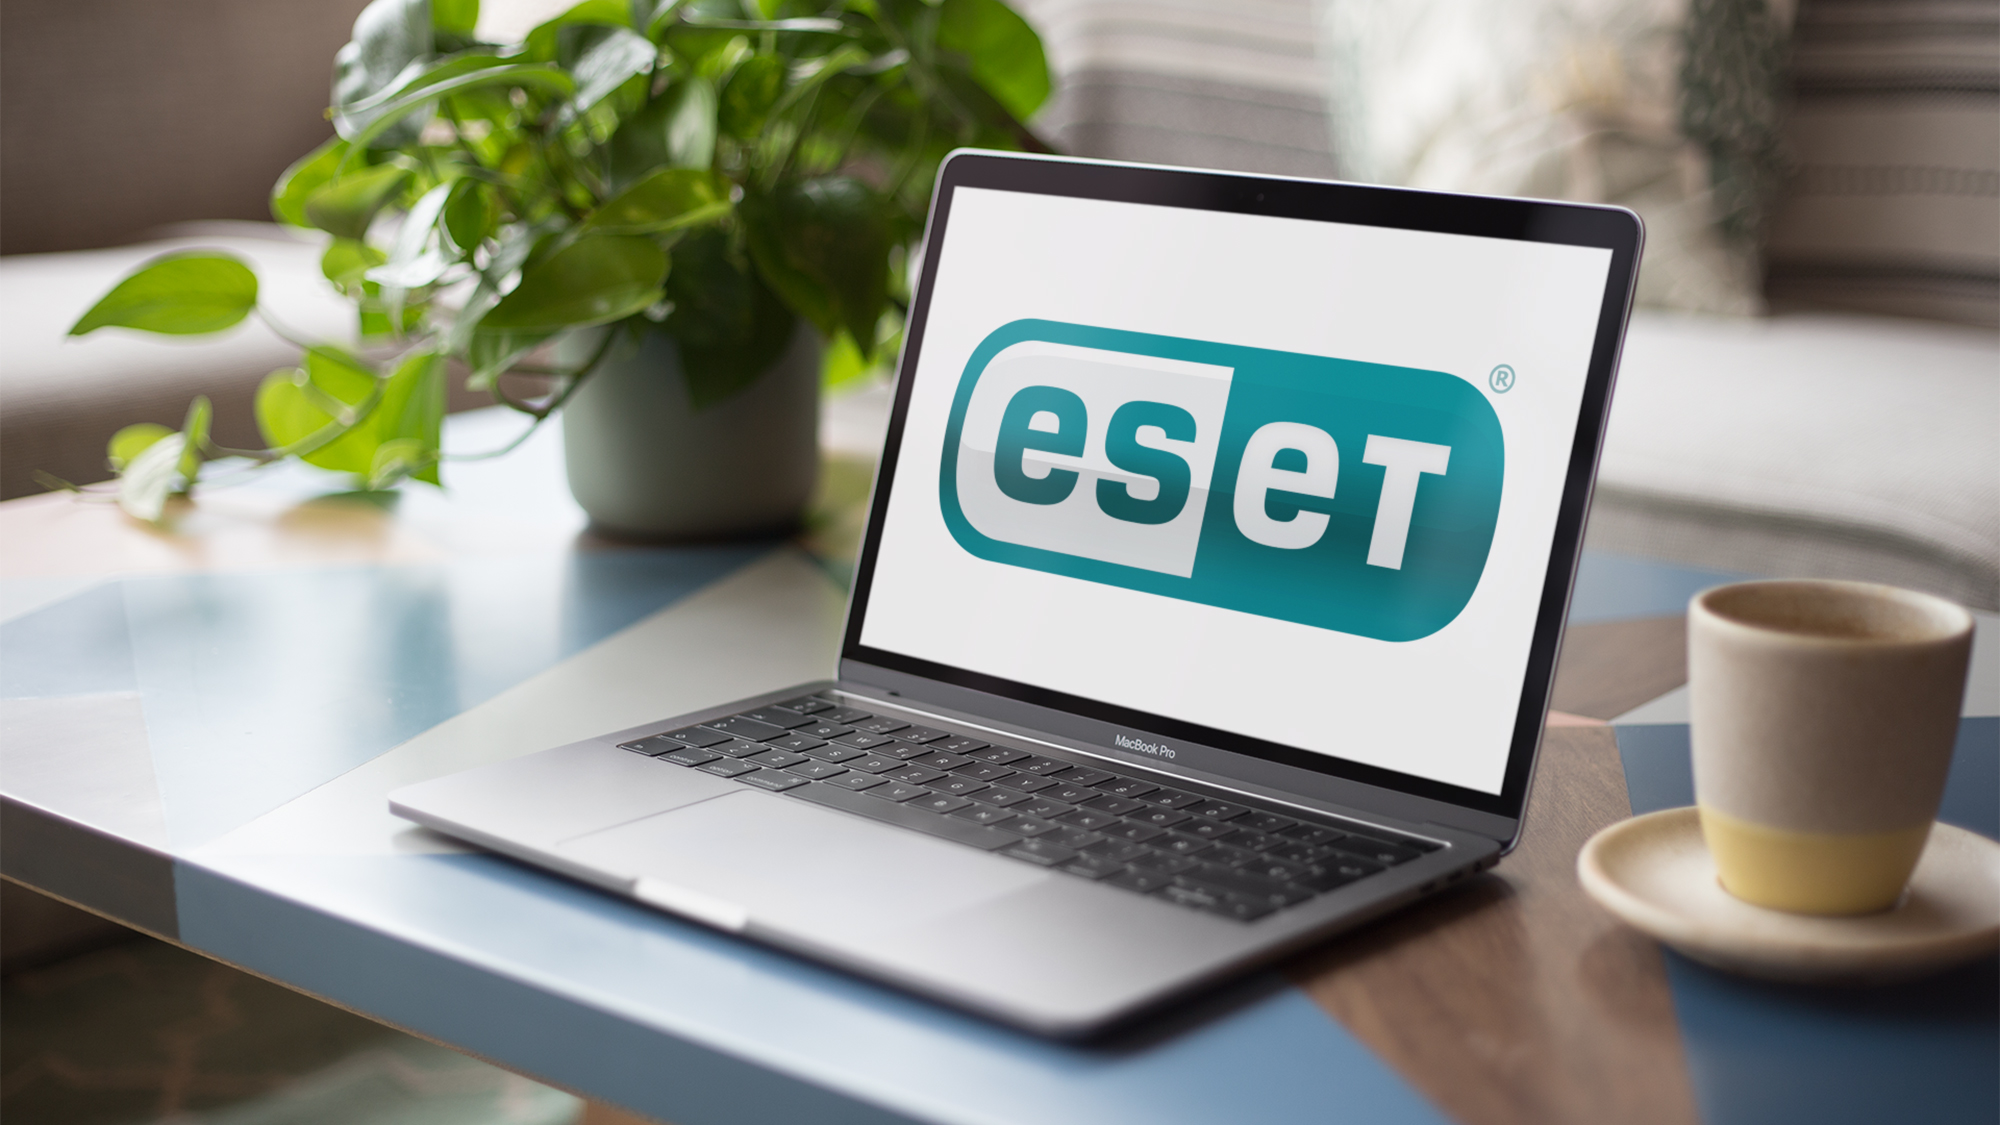 ESET Smart Security Premium internet security suite